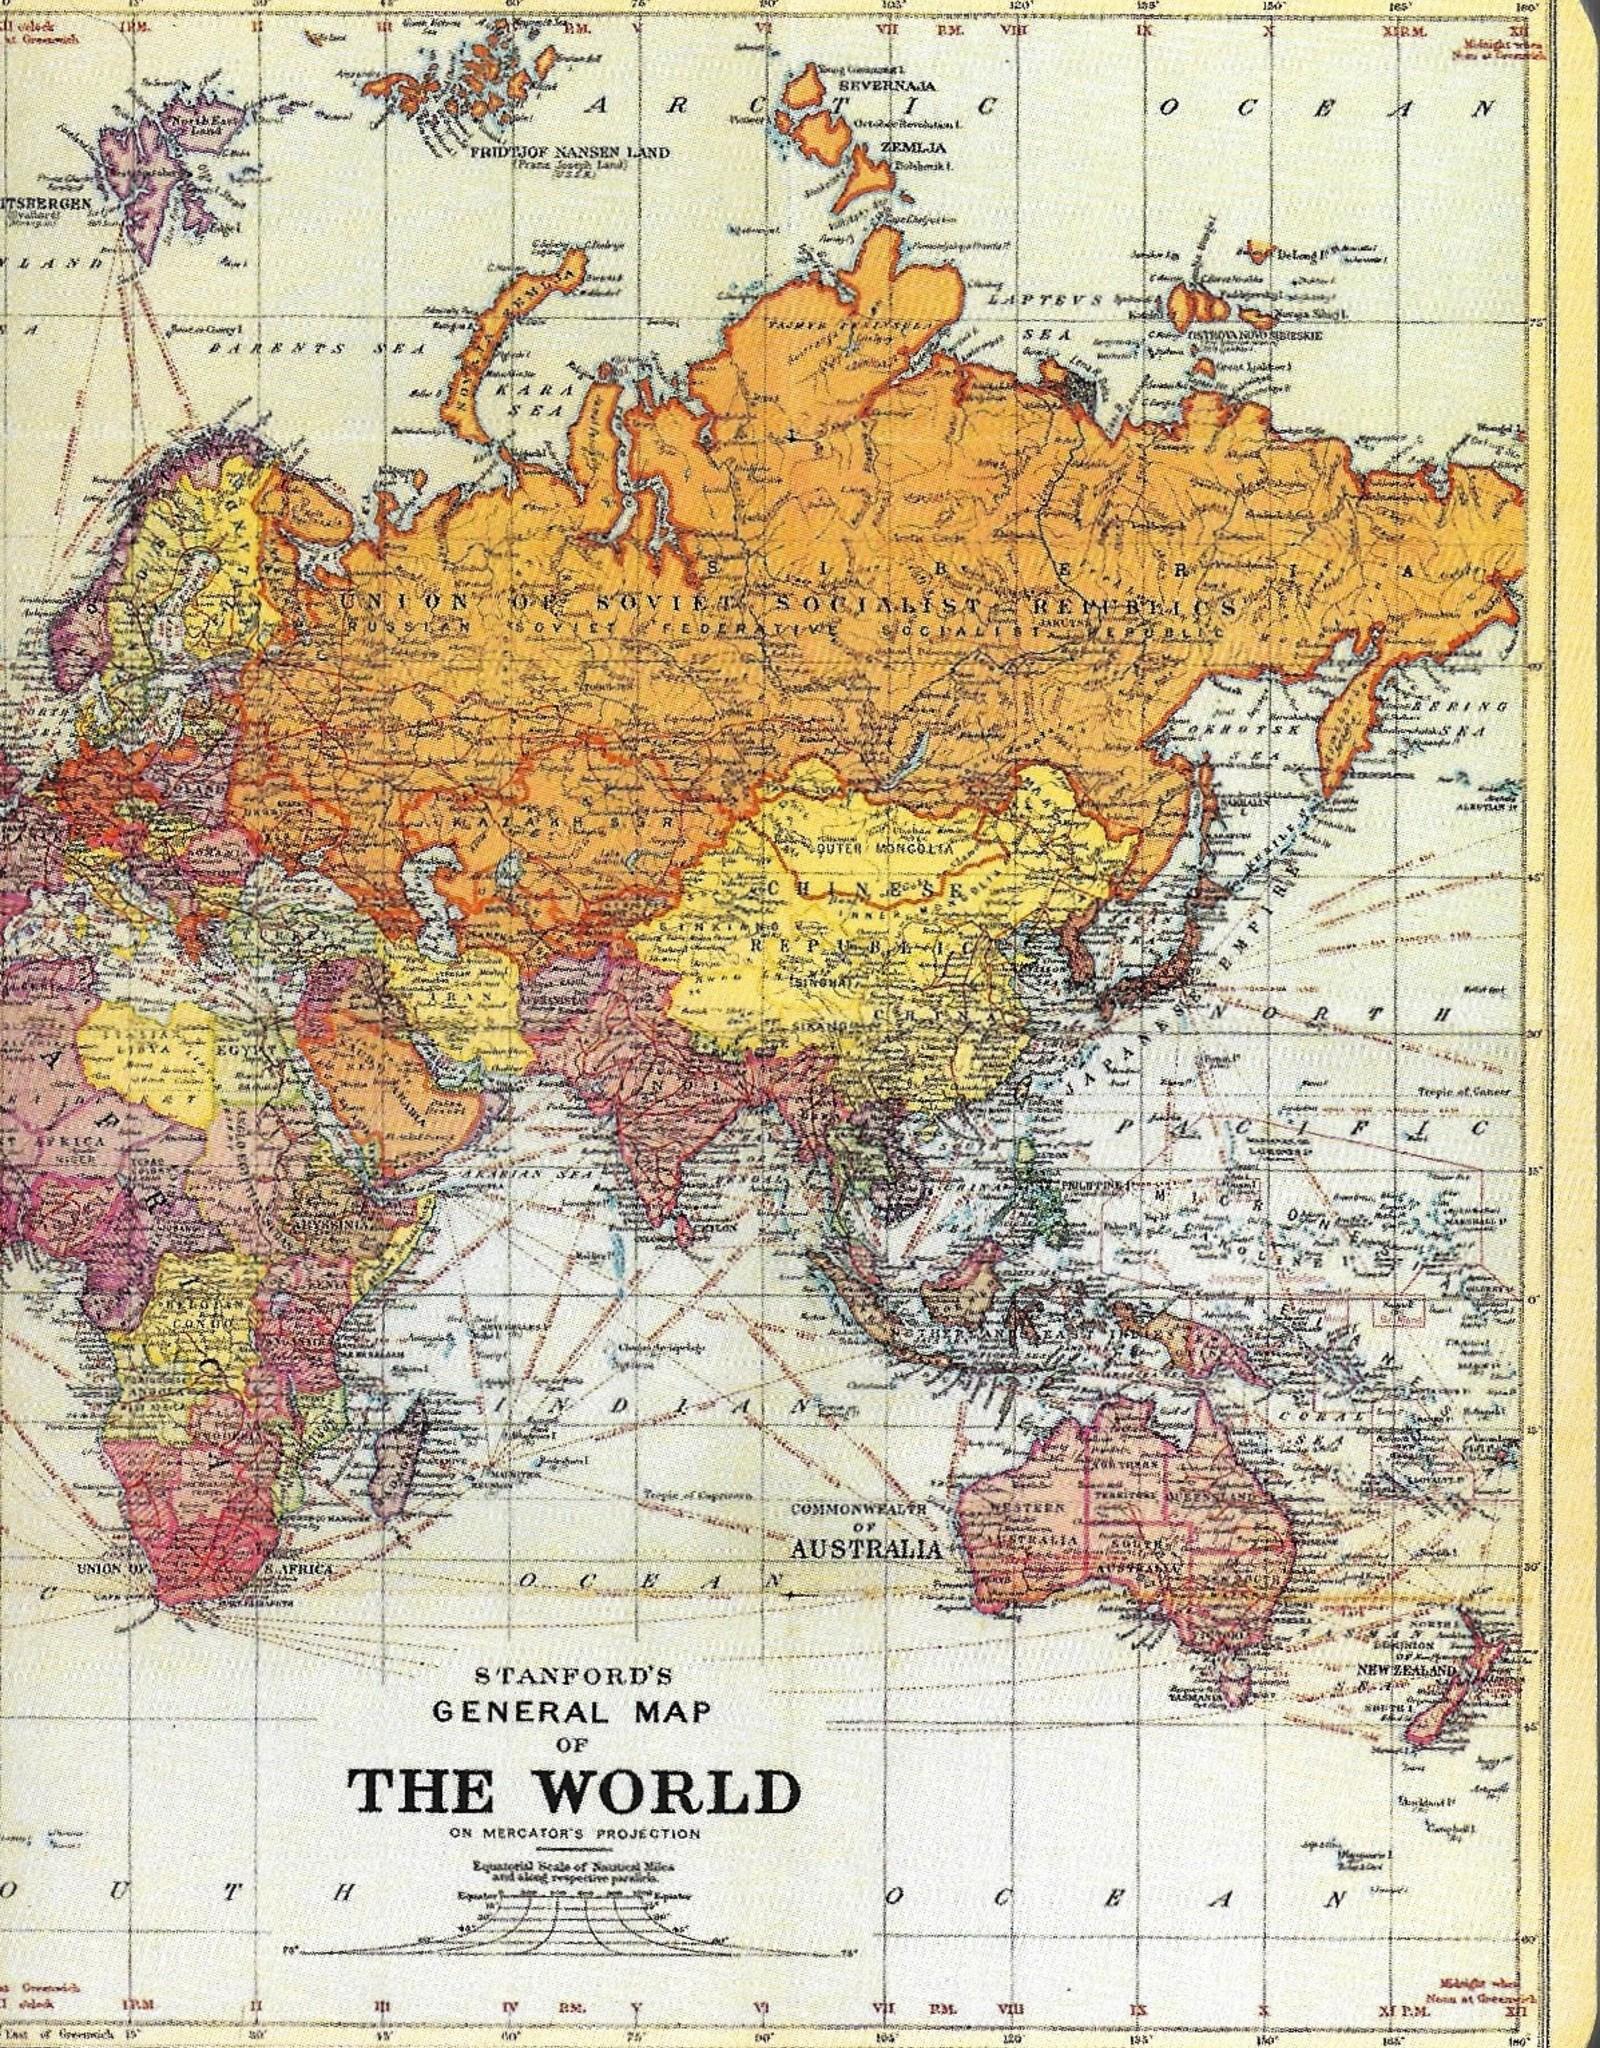 Cavallini Vintage World Maps, Cavallini Mini Notebook Set of 3: Grid, Blank, and Lined